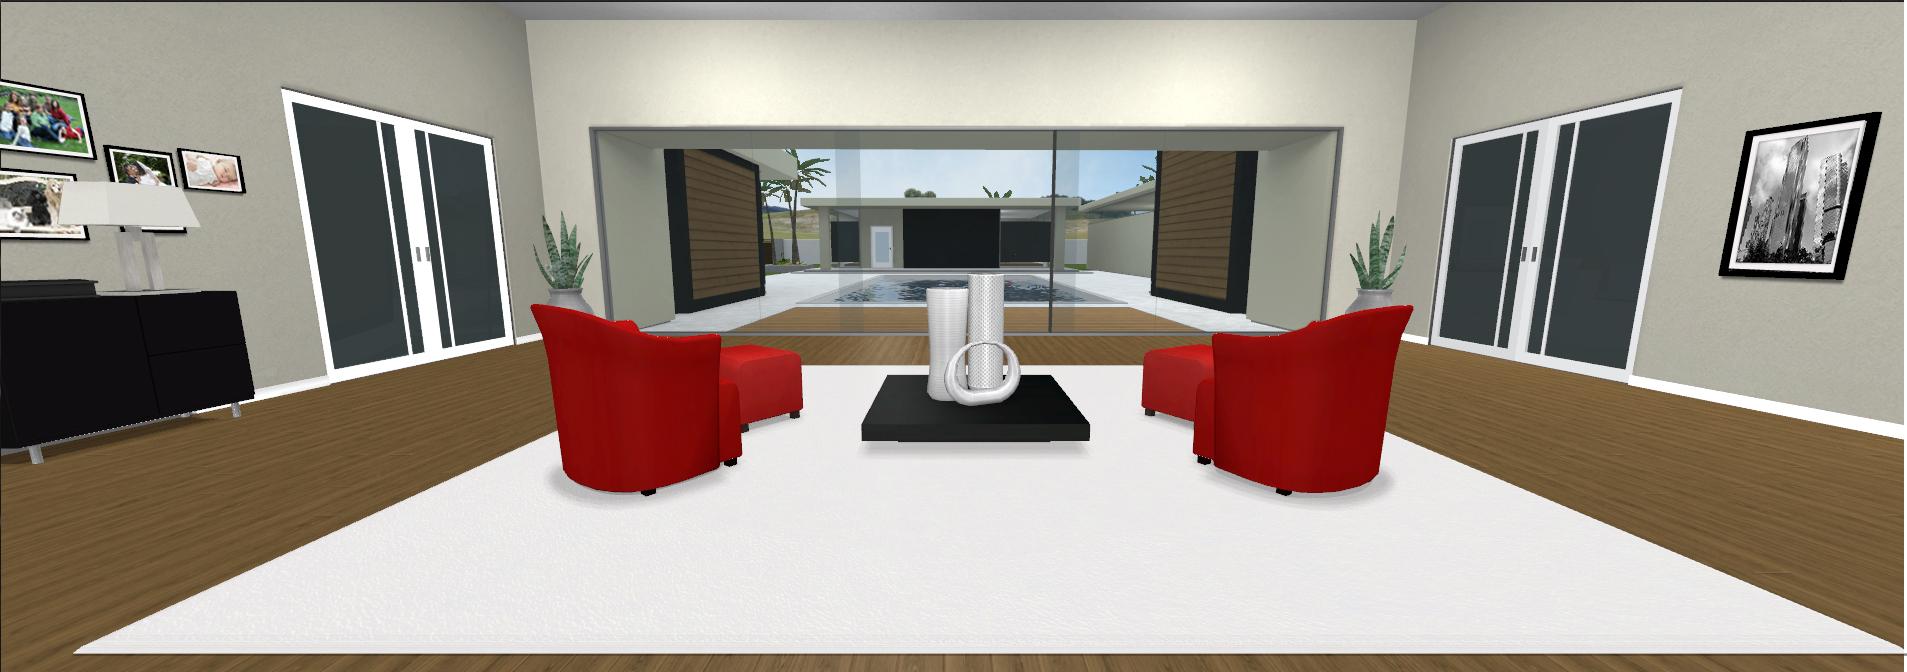 Contemporary Villa - Entryway